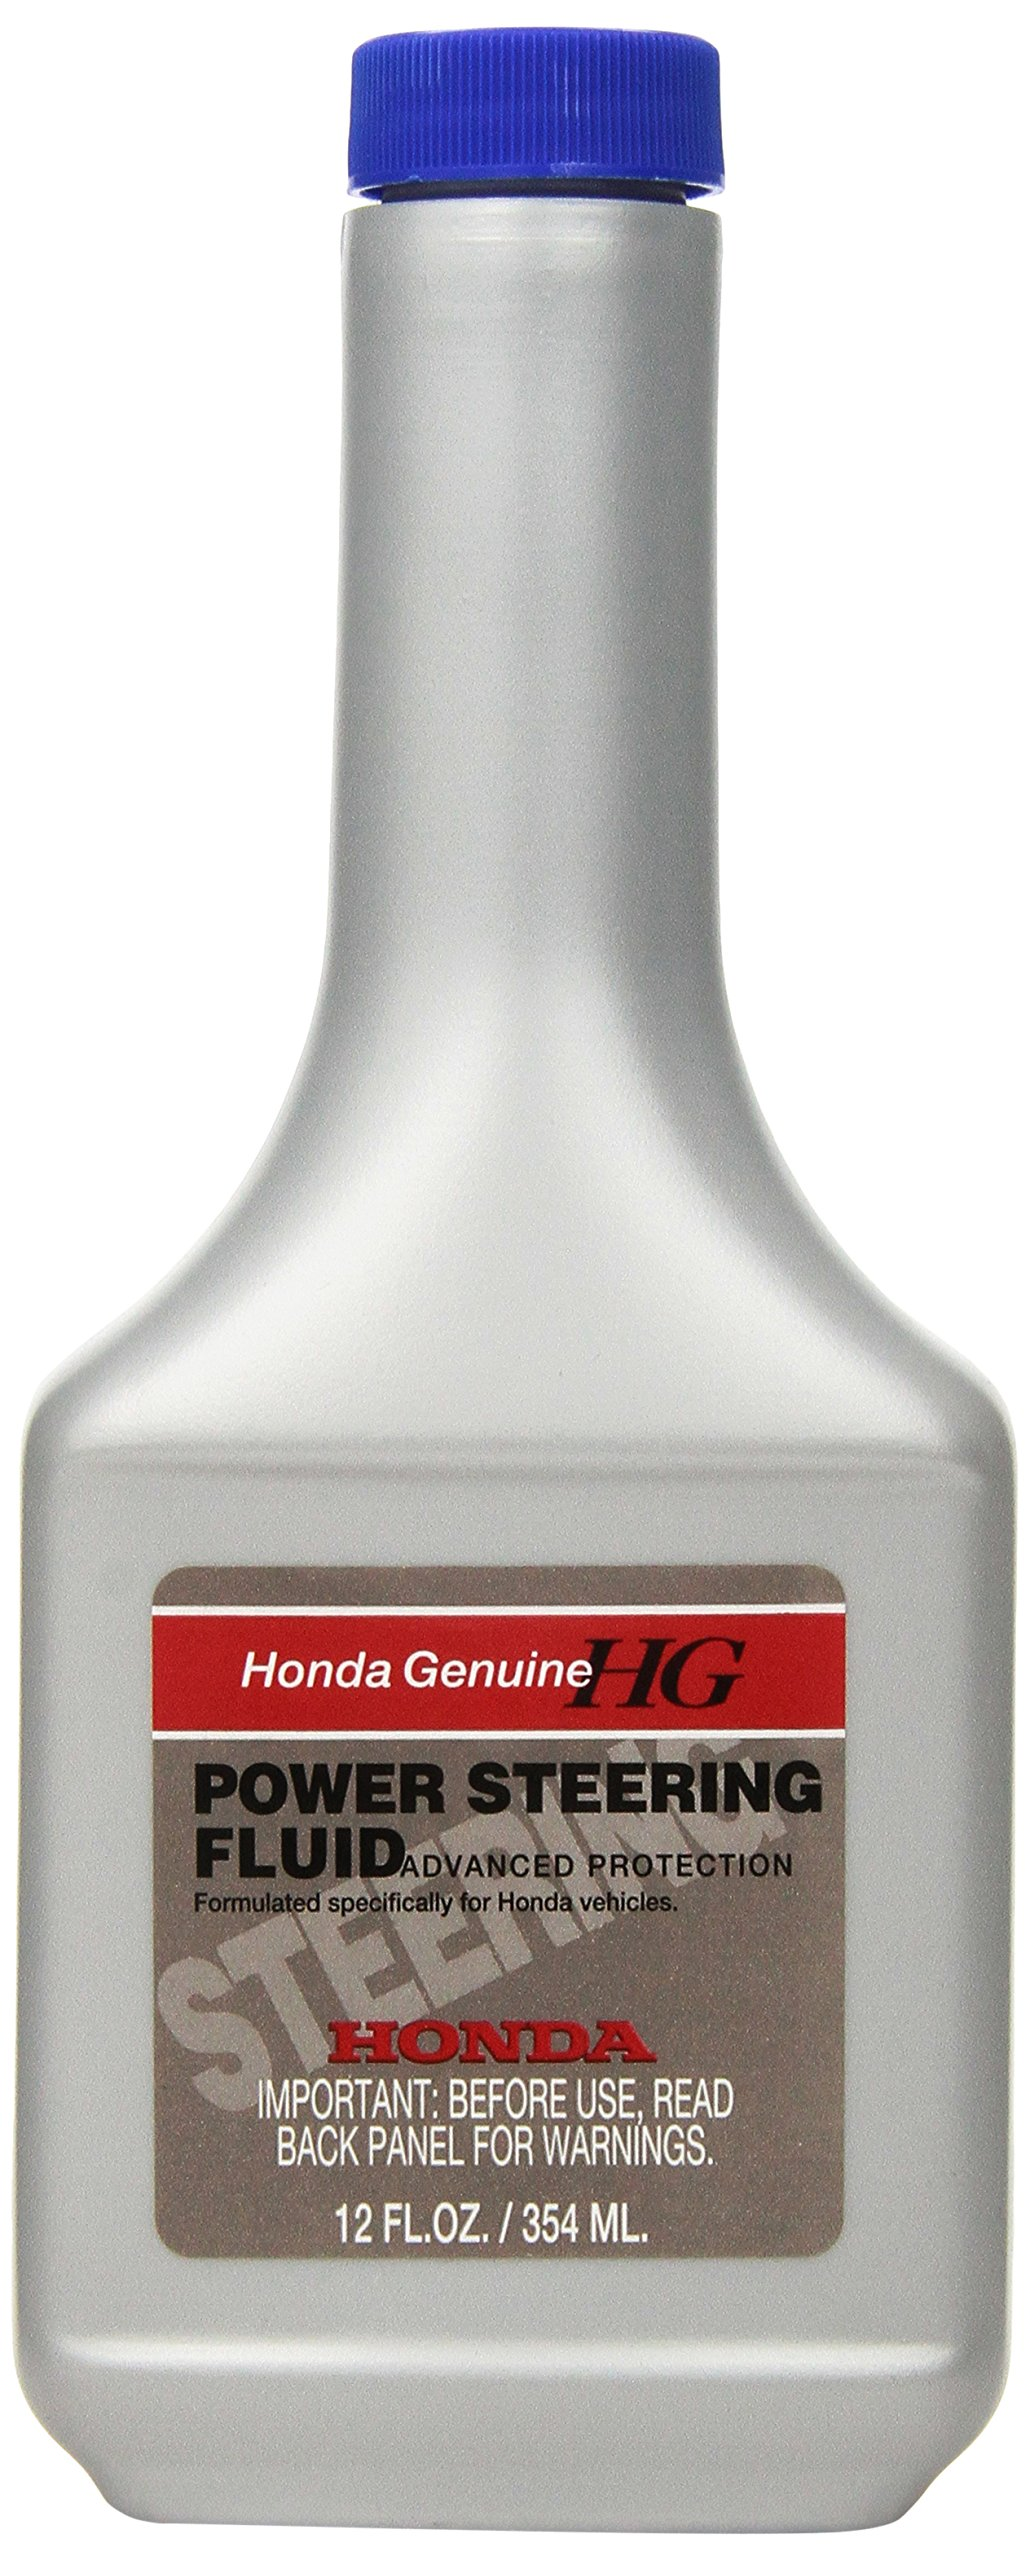 Genuine Honda (08206-9002-12PK) Power Steering Fluid - 12 oz., (Pack of 12)